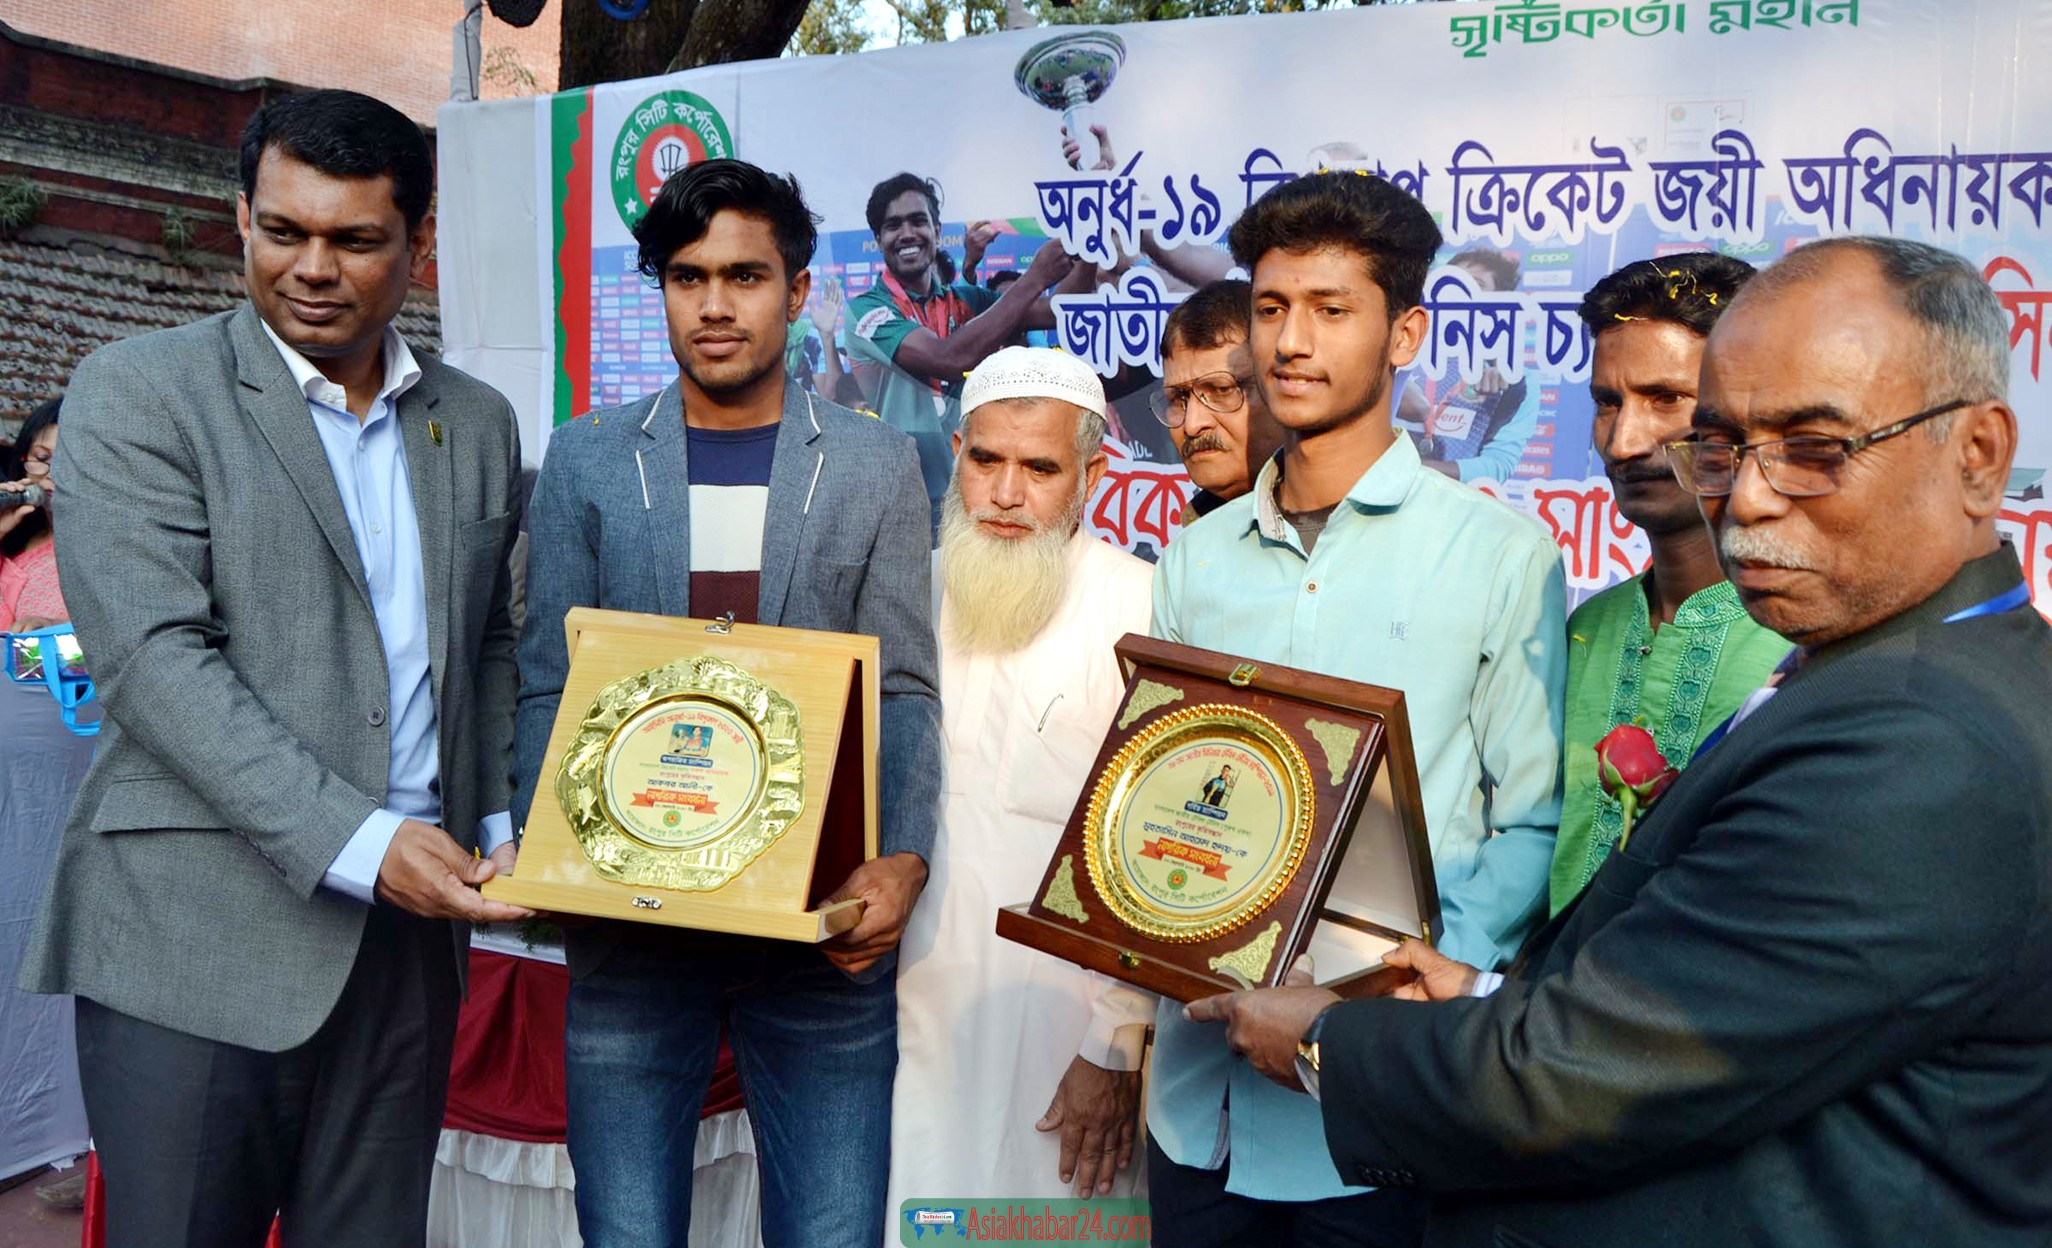 অনূর্ধ্ব-১৯ বিশ্বকাপ ক্রিকেট জয়ী অধিনায়ক আকবর আলীসহ দুই কৃতি খেলোয়ারকে রসিক-এর নাগরিক সংবর্ধনা